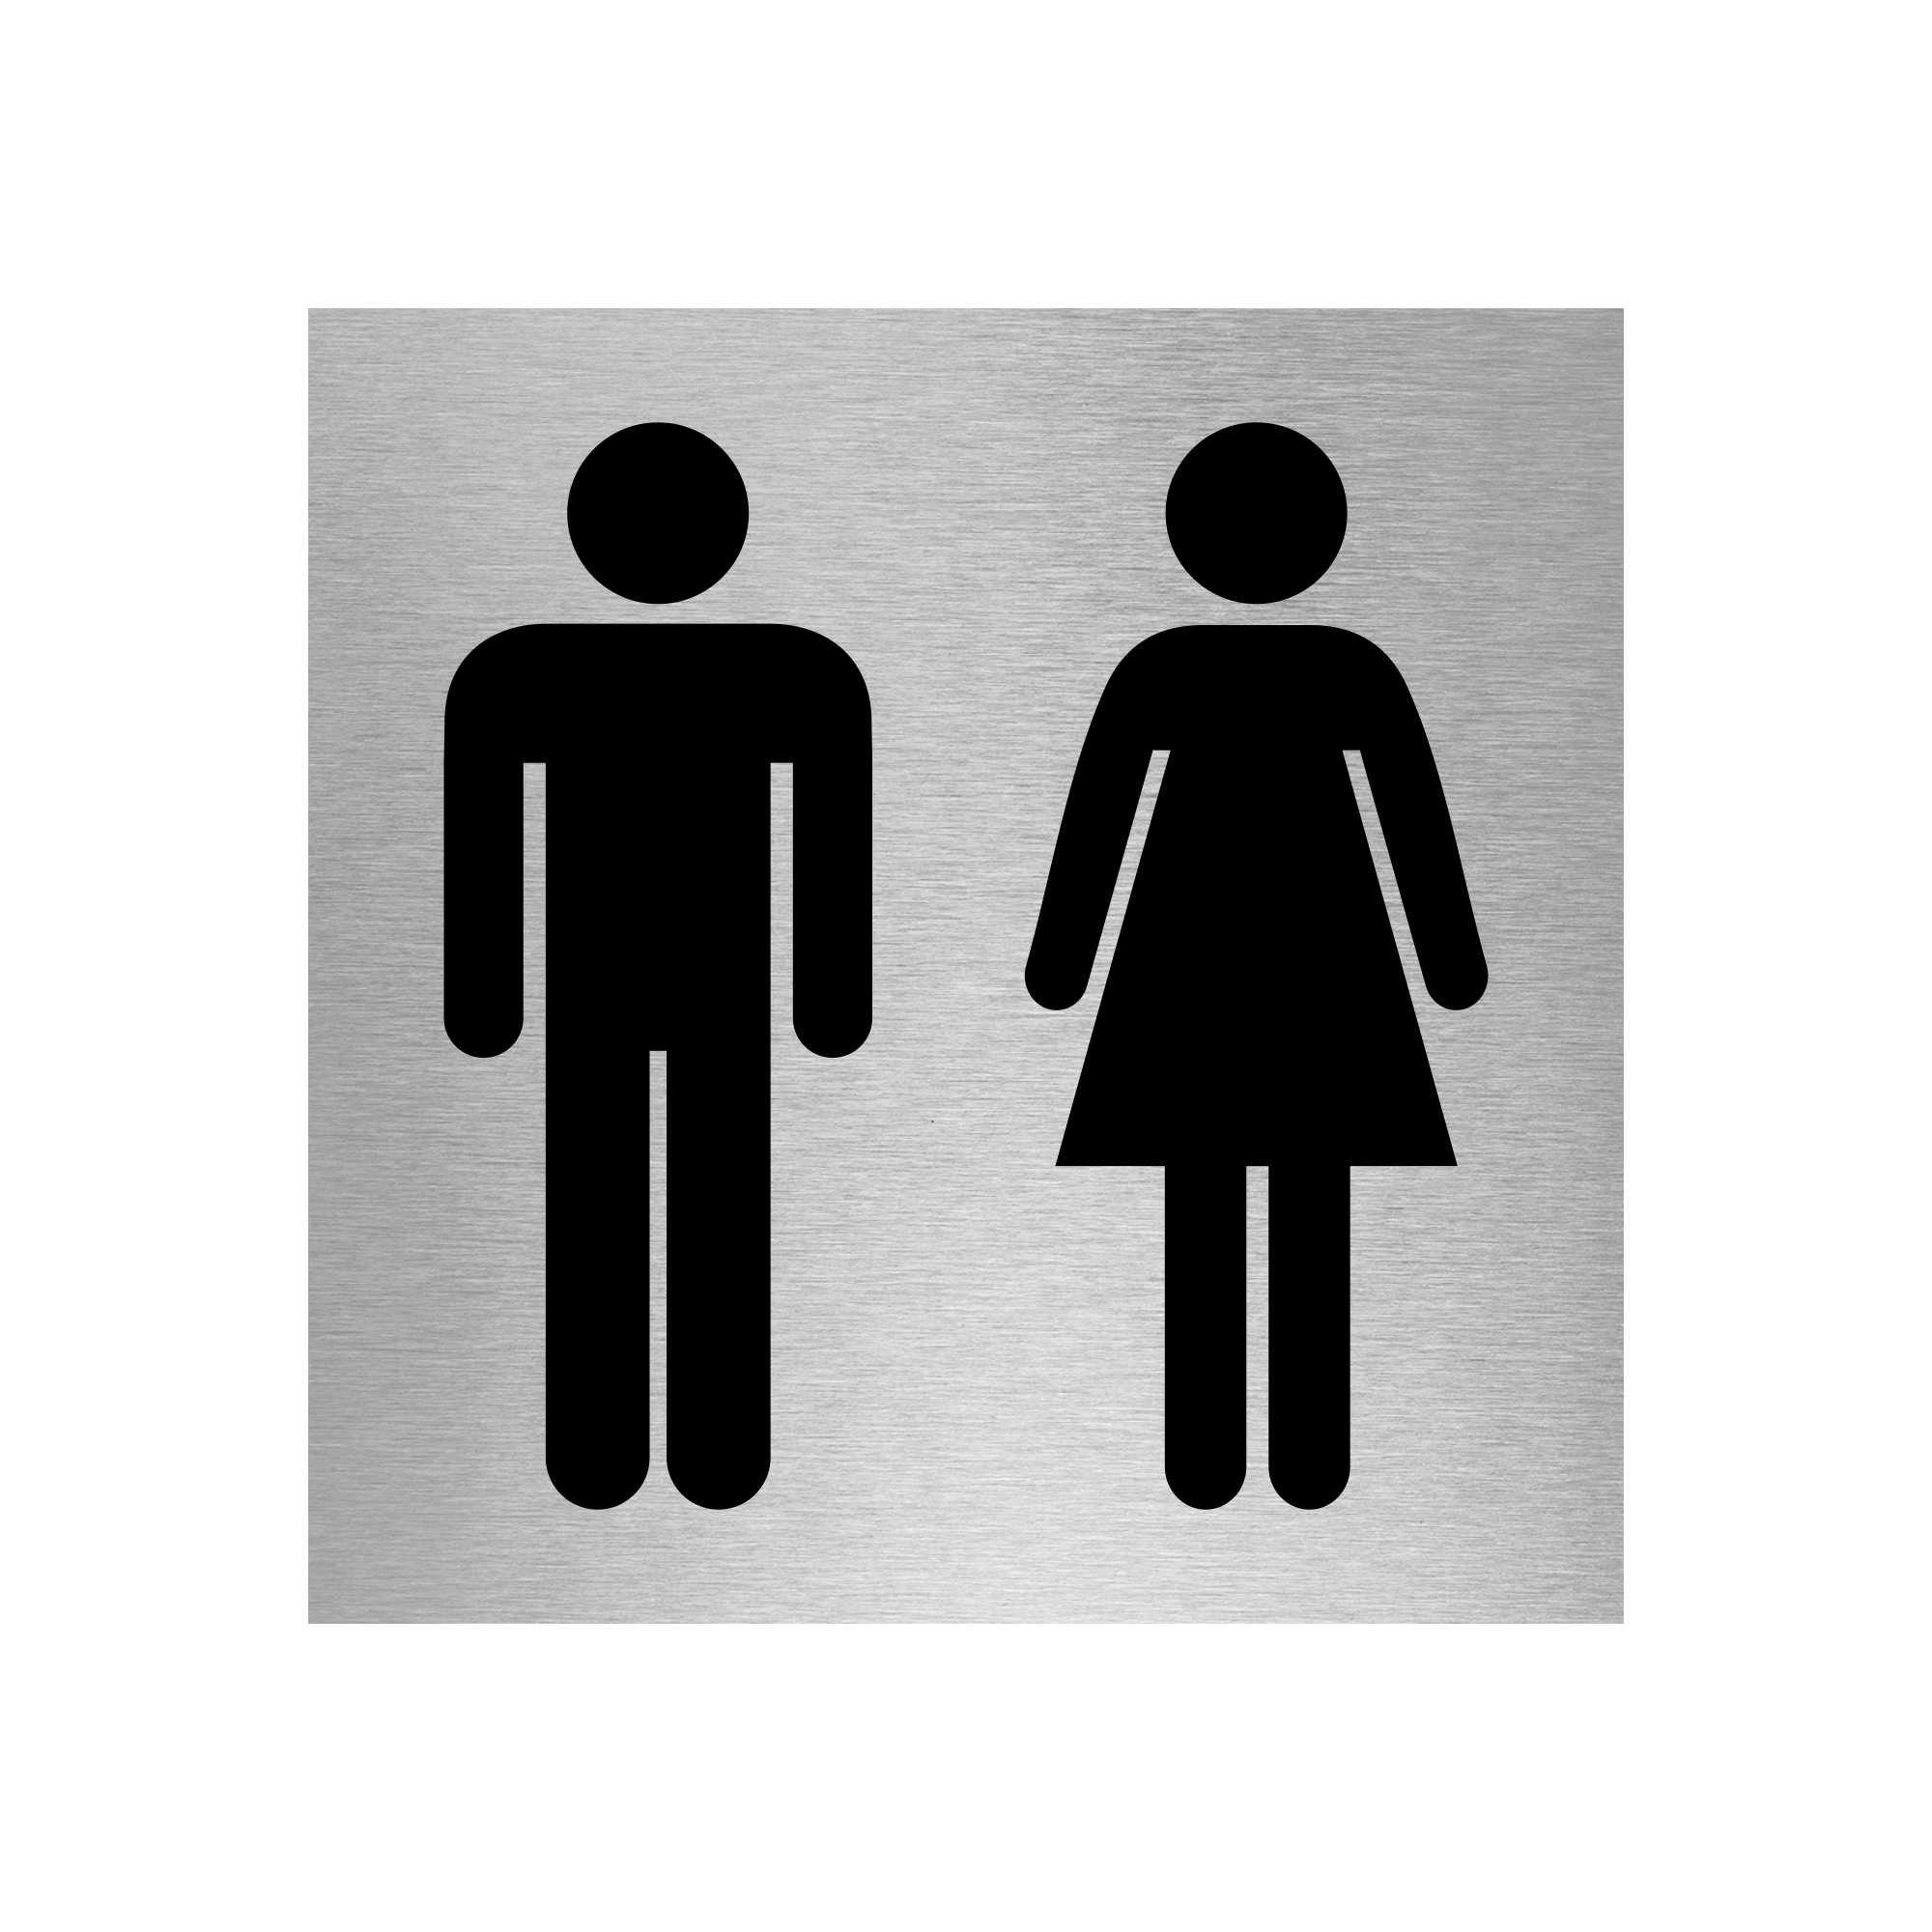 Slimline Aluminium Square Toilet Signs (6 Designs) | Viro Display UK